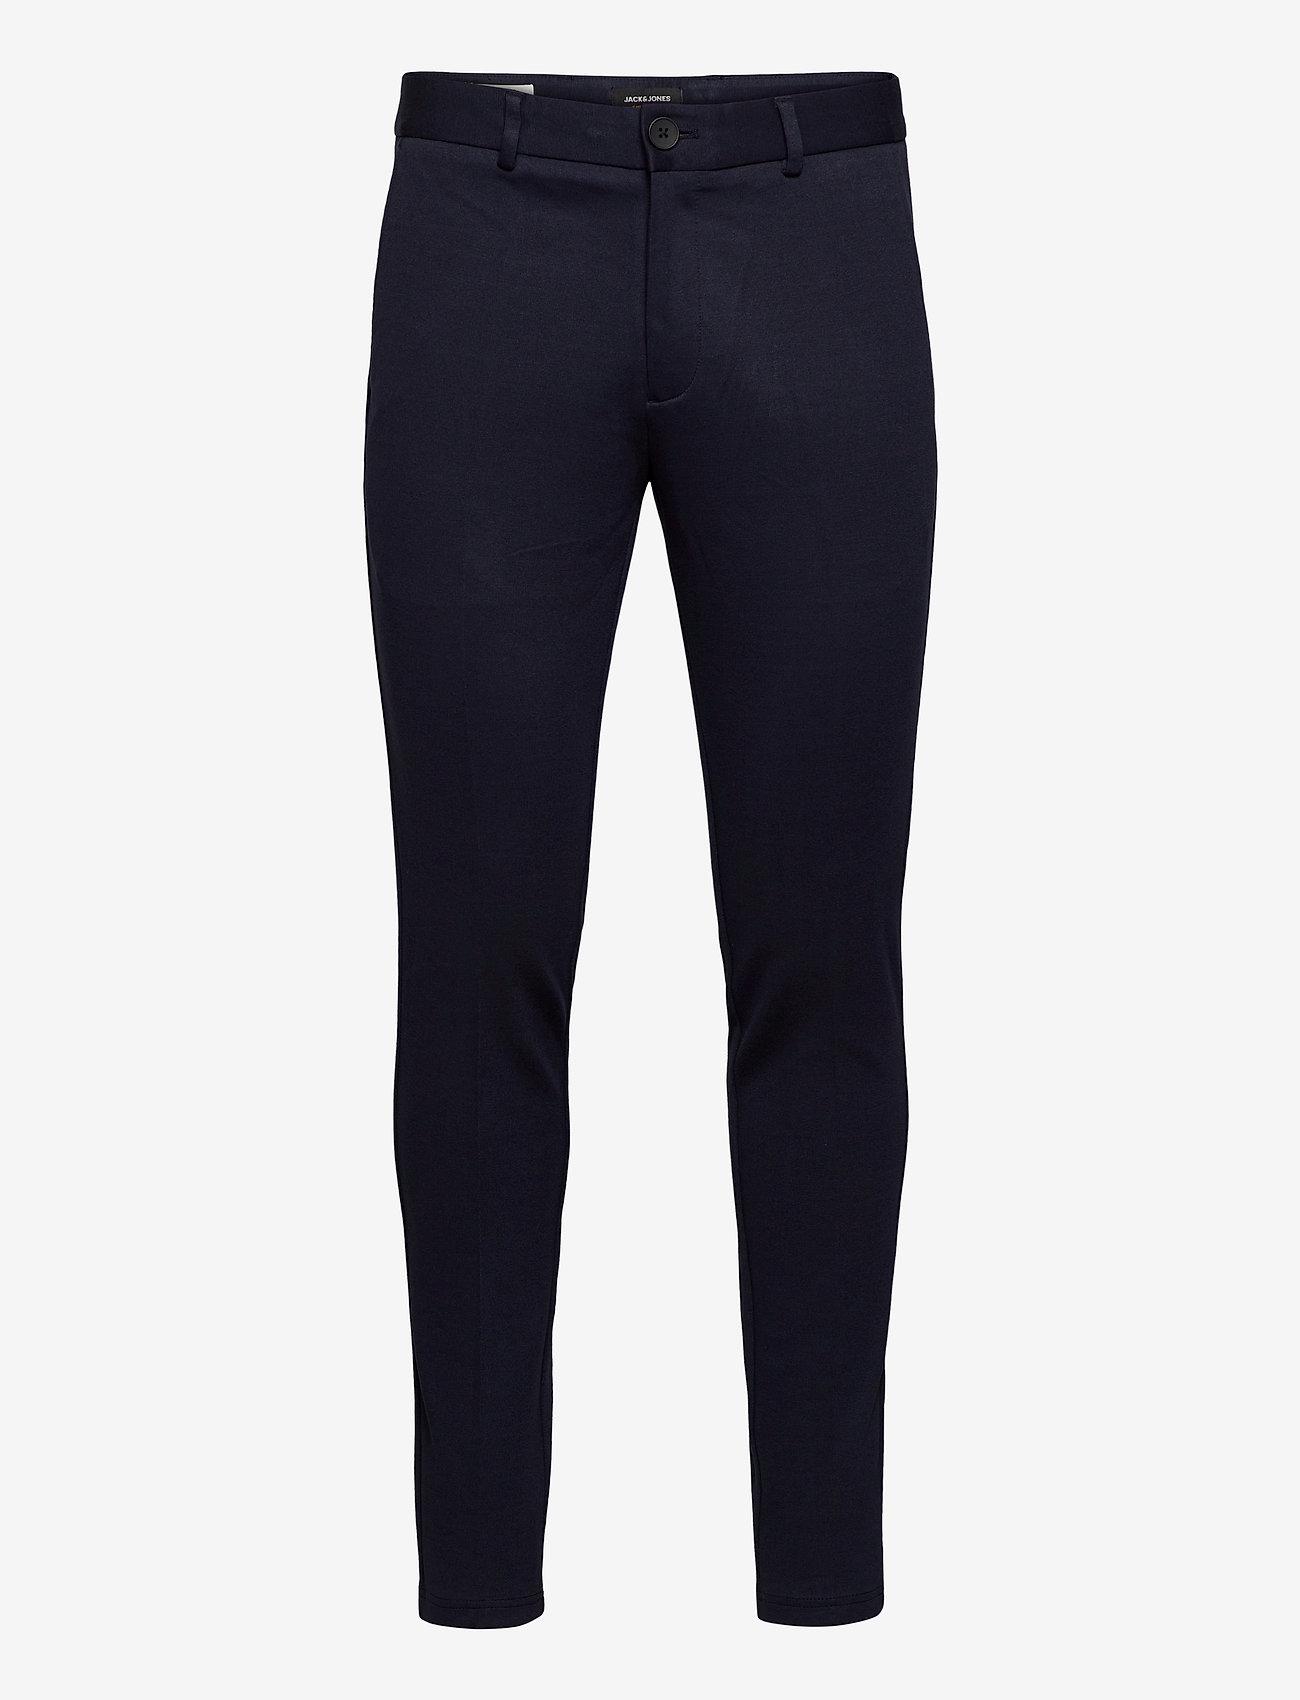 Jack & Jones - JJIMARCO JJPHIL JERSEY NOR DRK NAVY - pantalons habillés - dark navy - 0